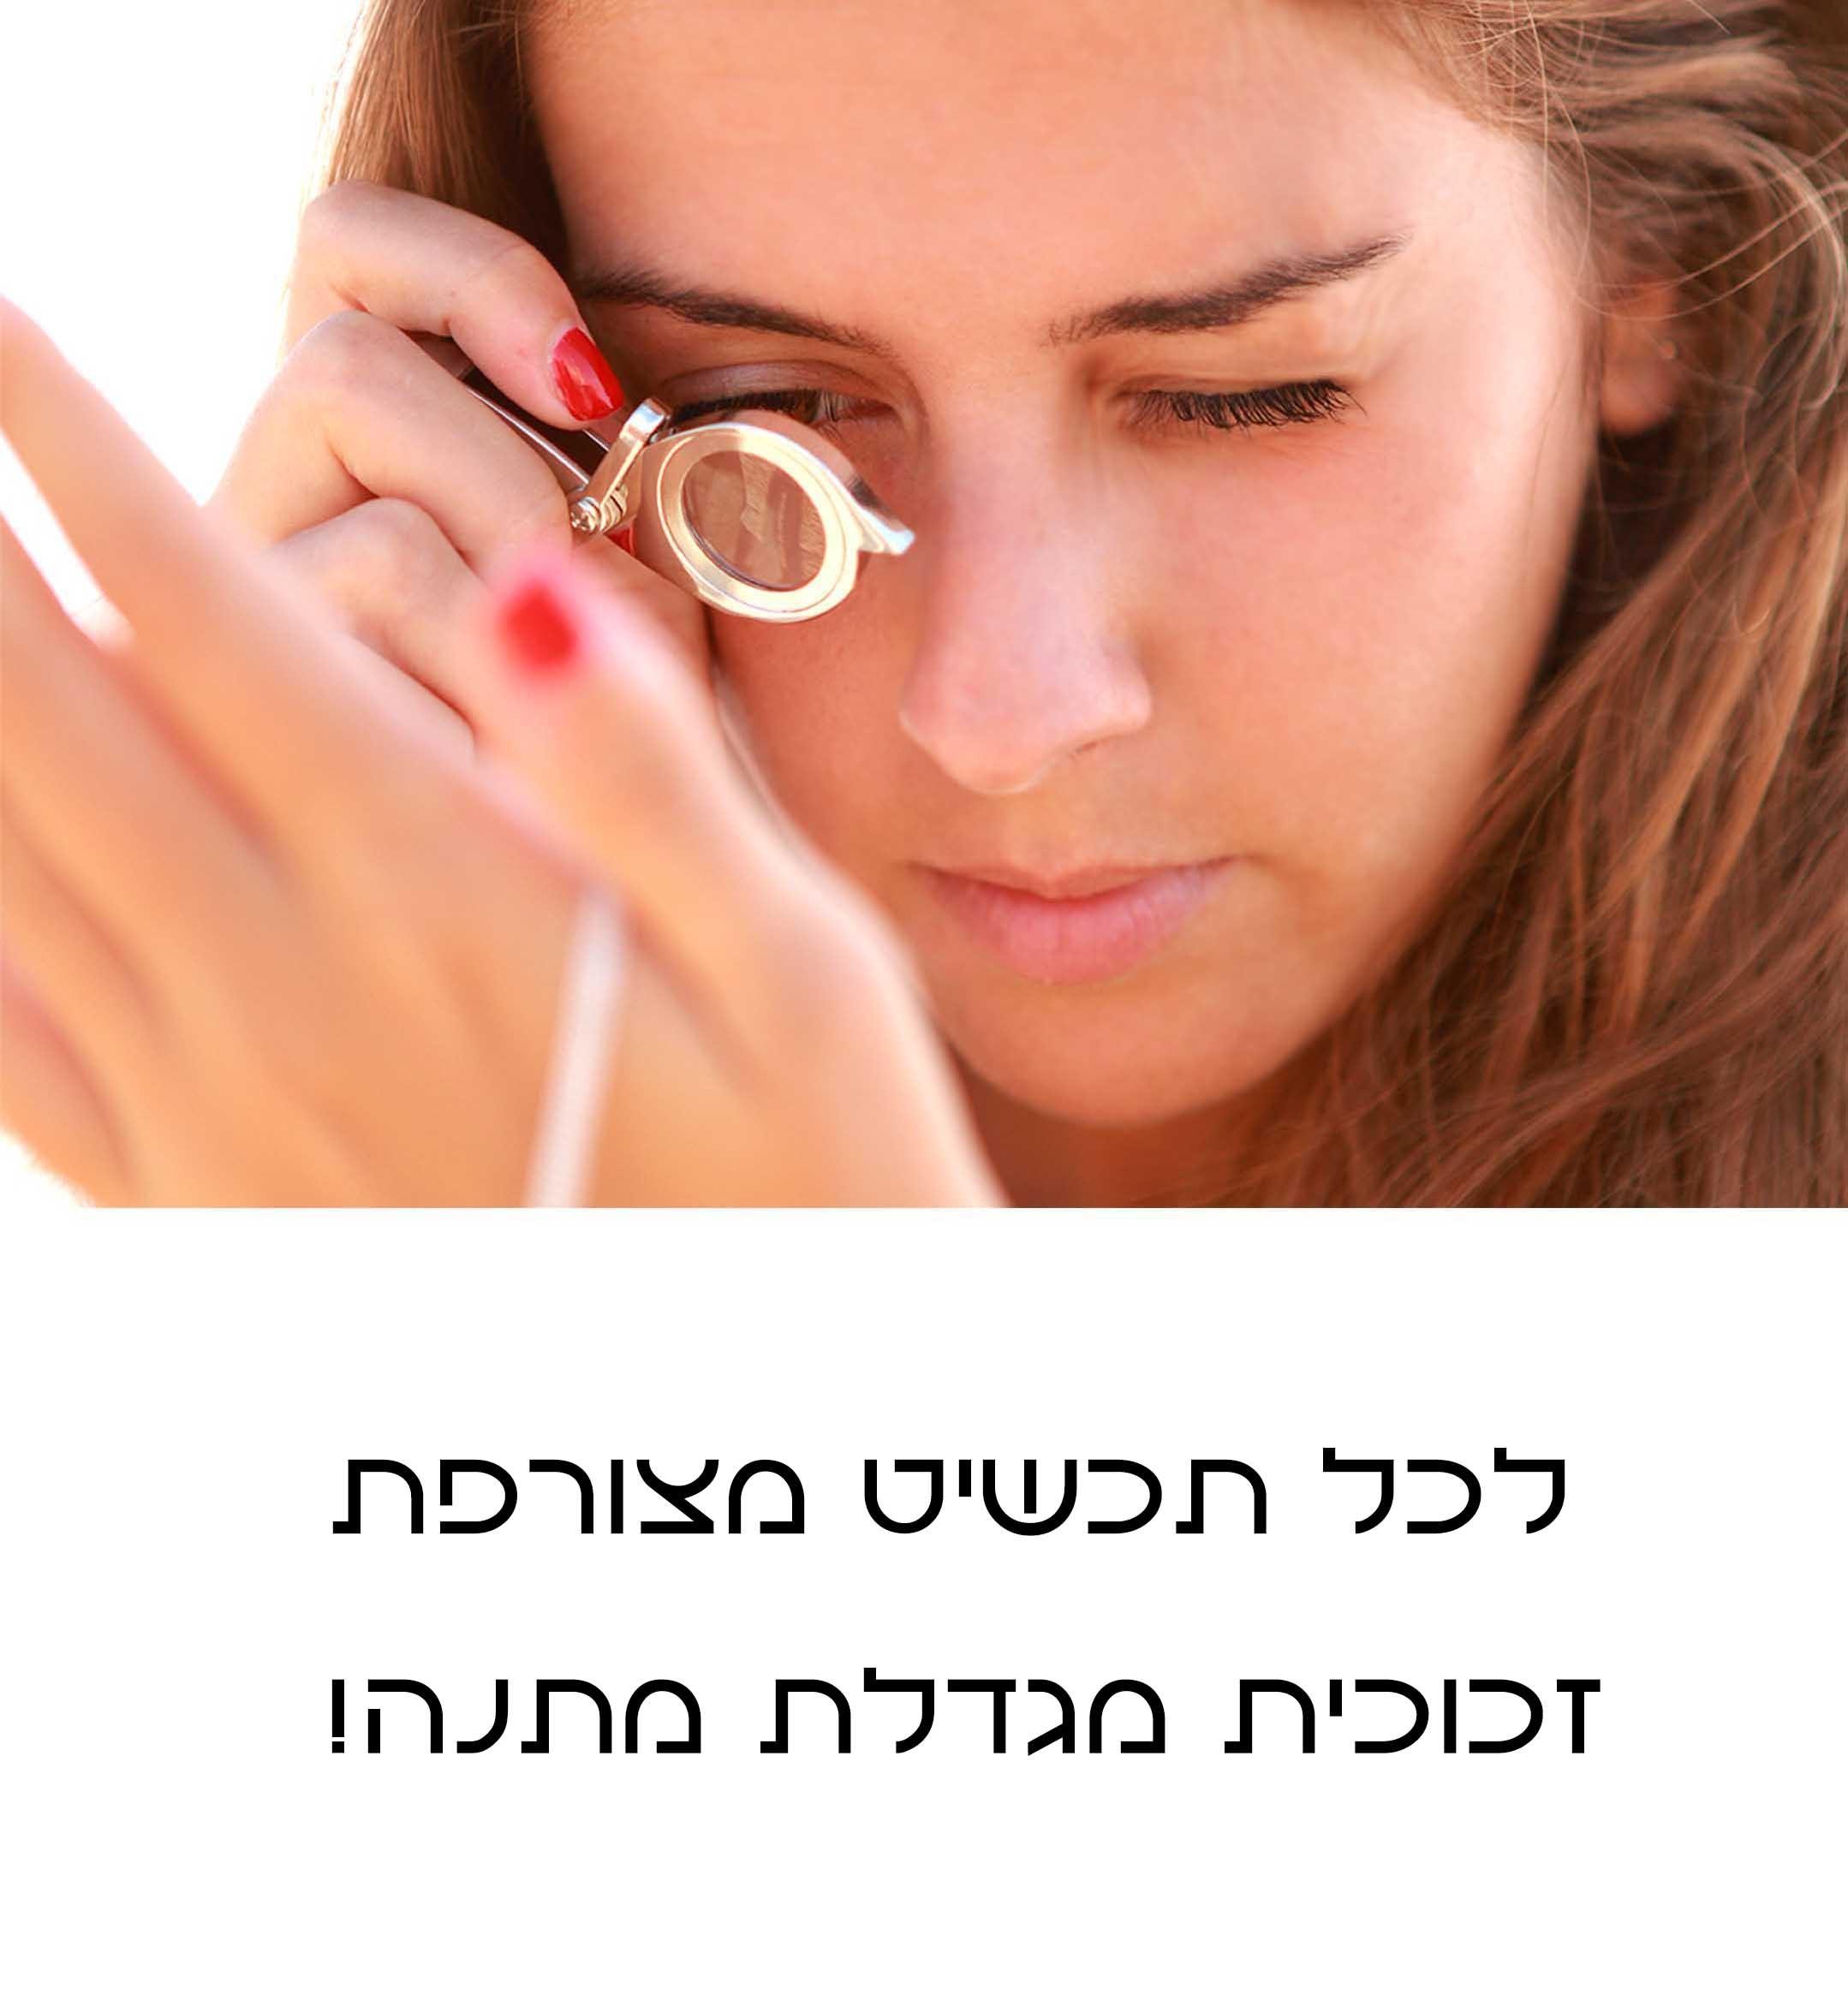 תכשיטי קבלה - שרשרת מגן דוד לגבר מכסף - מתנה לאח – נאנו תכשיטיםתכשיטי קבלה - שרשרת מגן דוד לגבר מכסף - מתנה לאח – נאנו תכשיטים